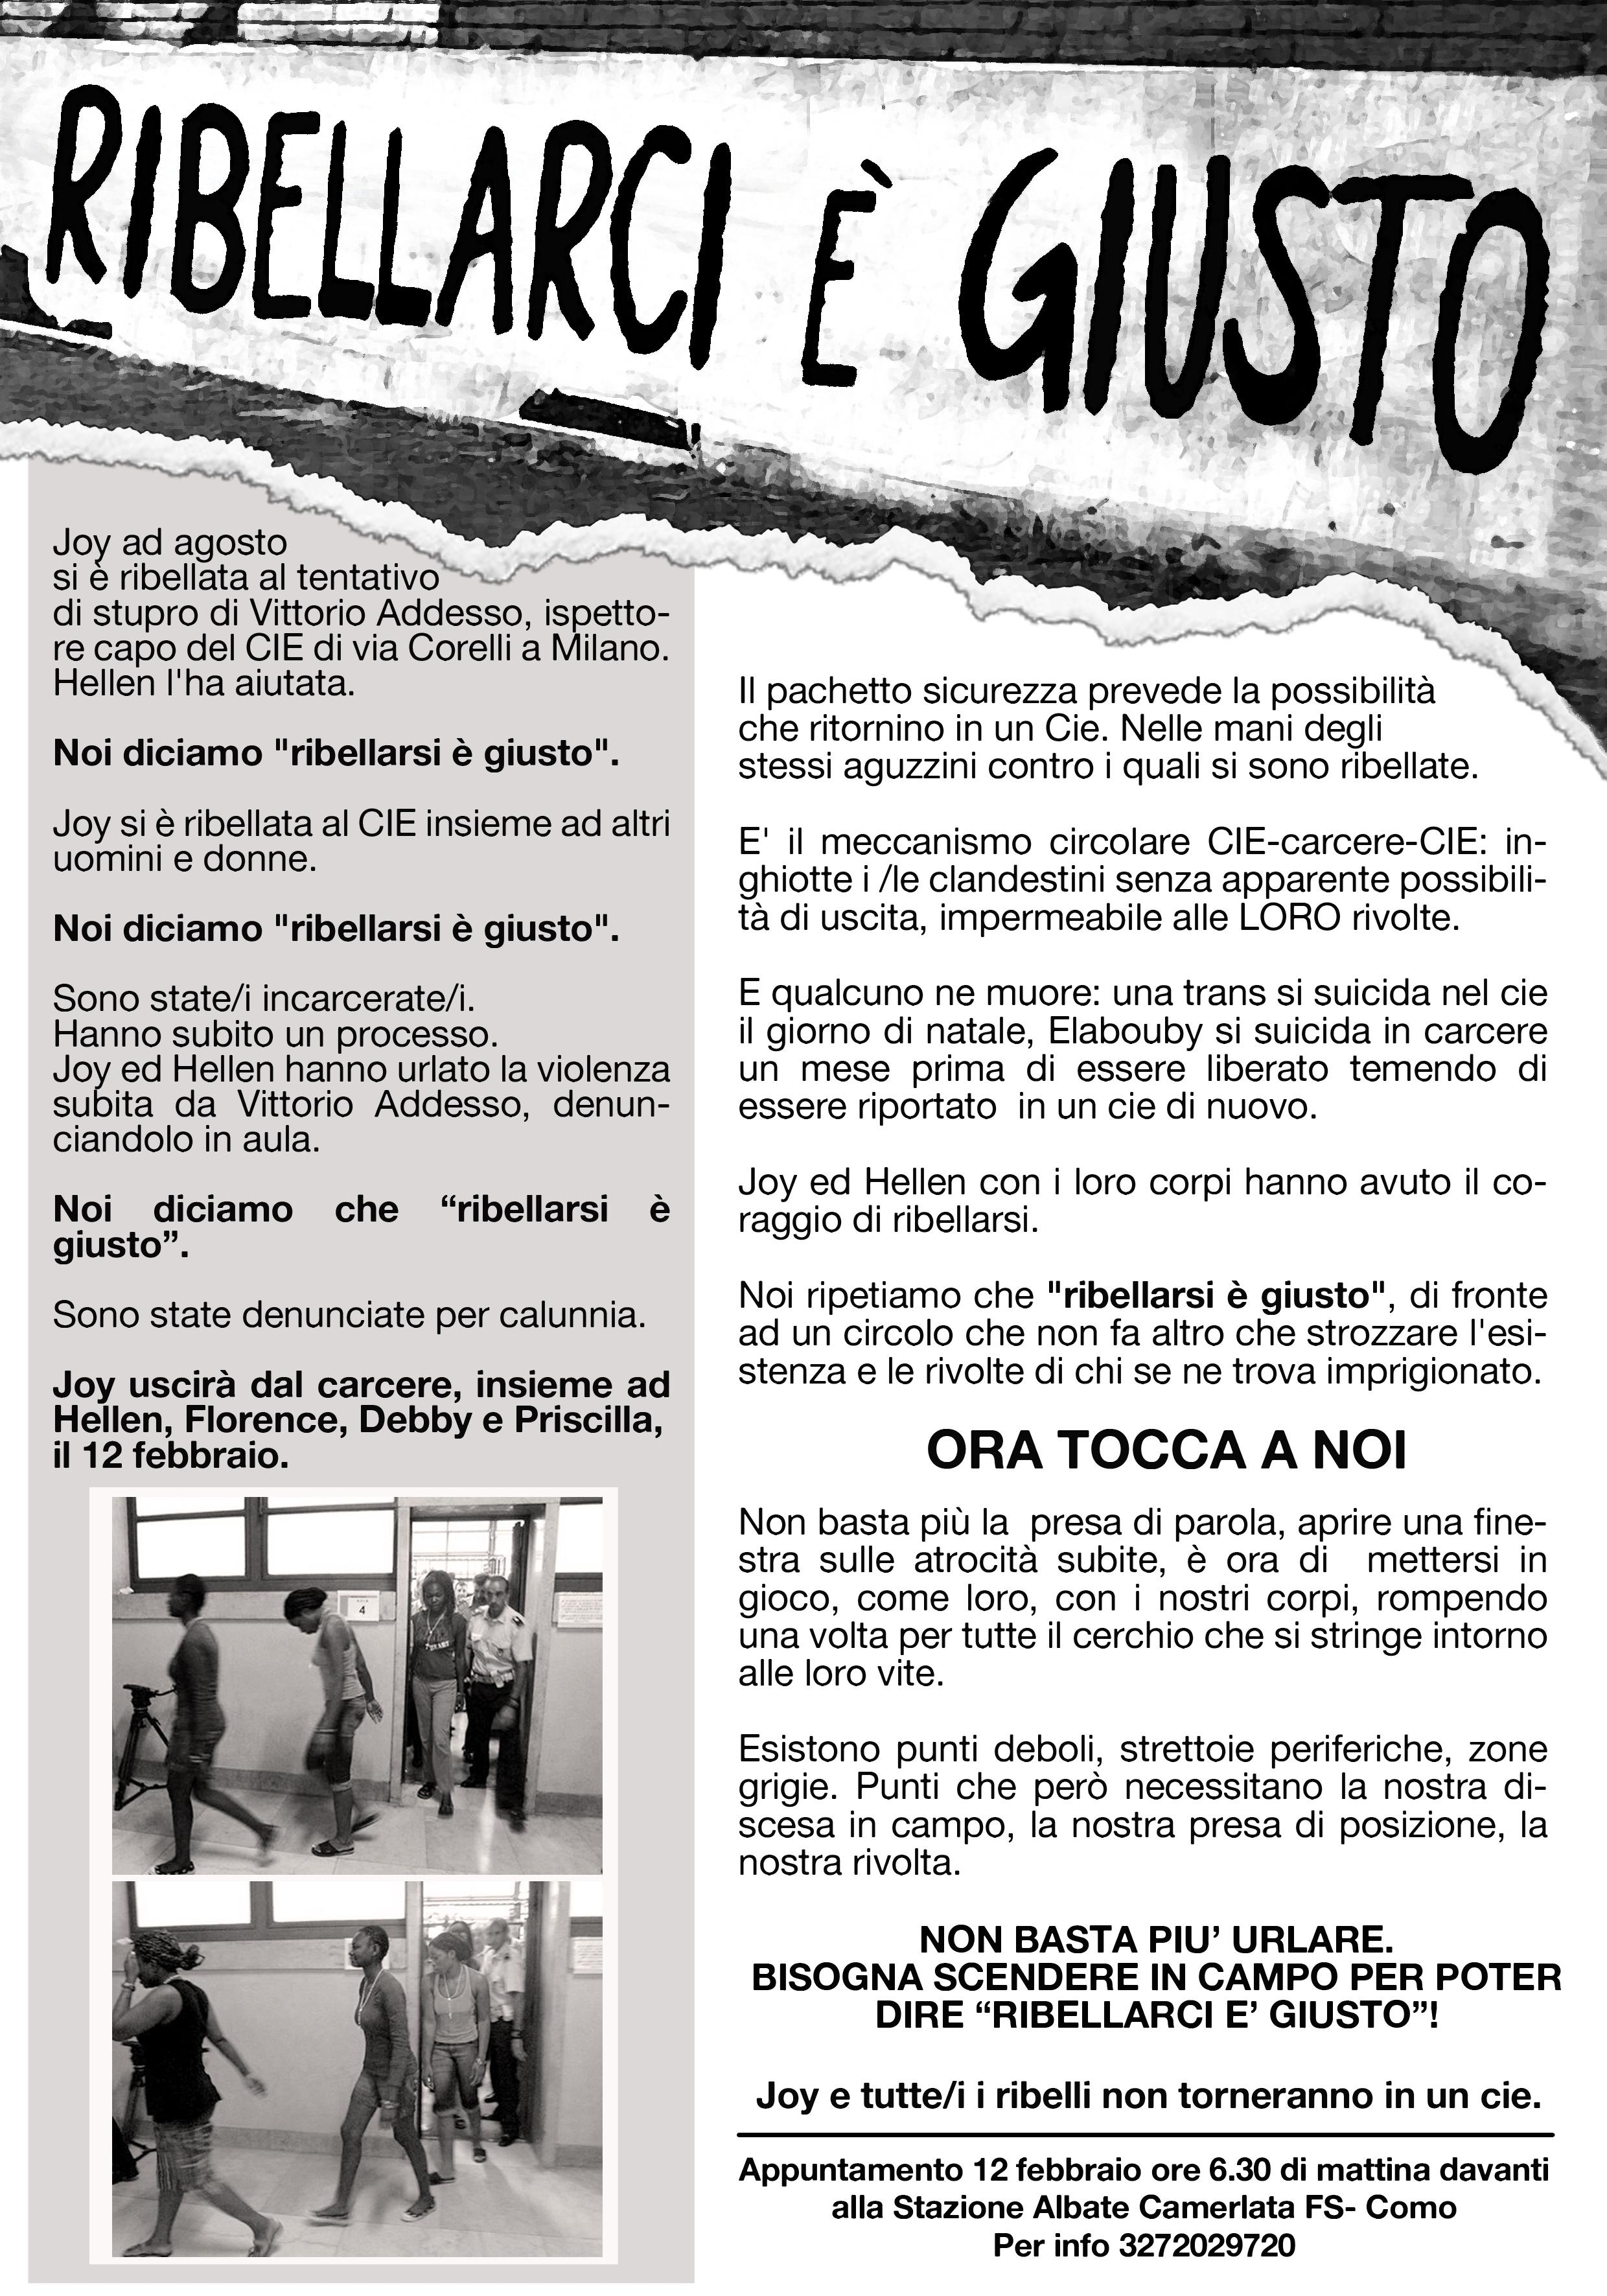 manifesto - noi non siamo complici- appuntamento venerdì 12 febbraio ore 6,30 stazione Albate Camerlata - COMO